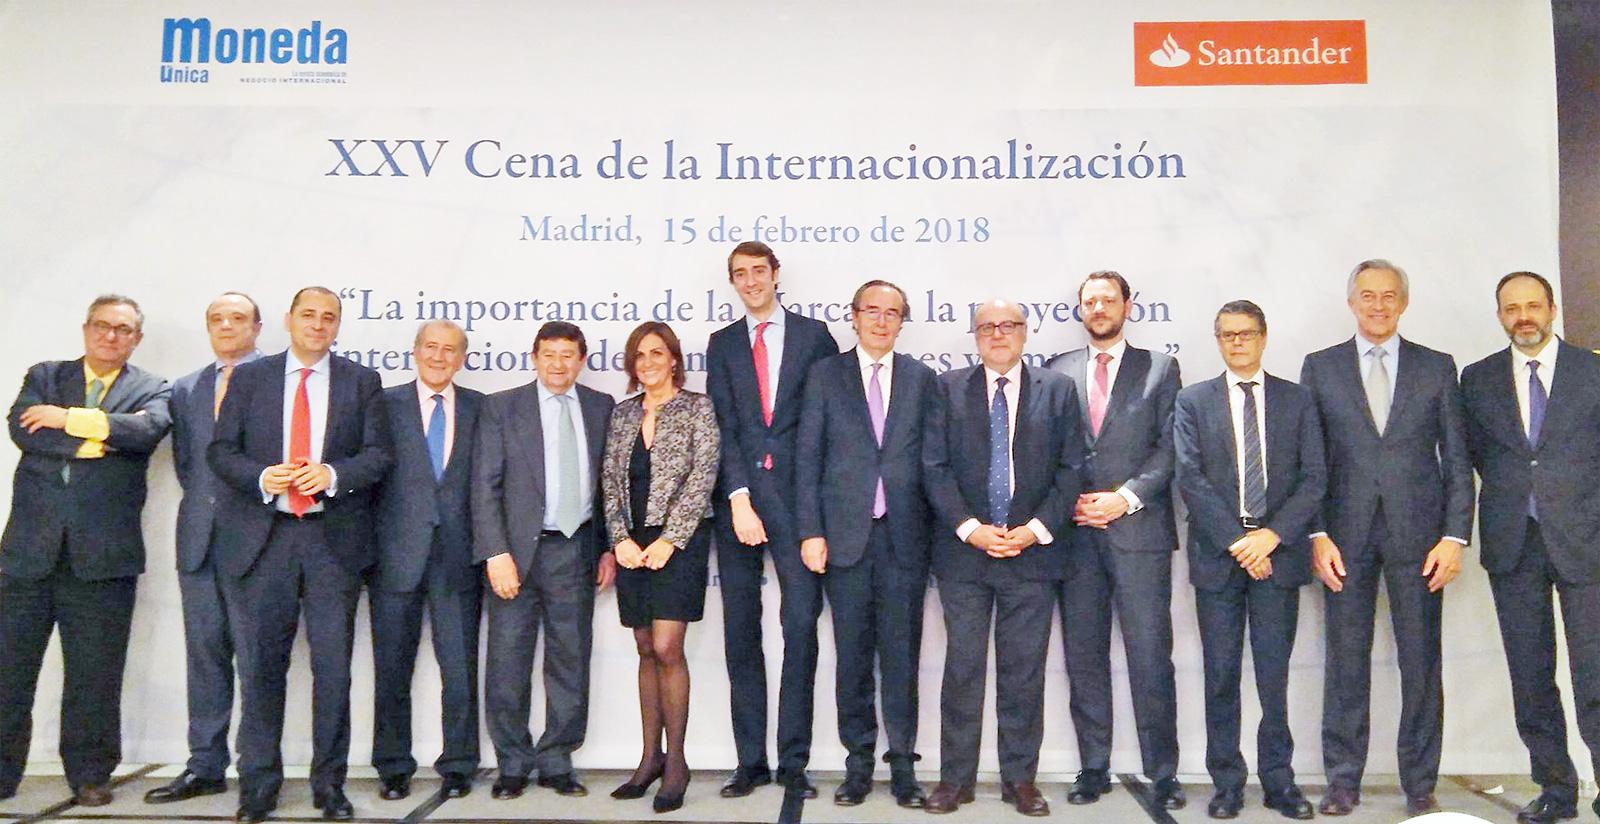 Fotografía de familia de la mesa de presidencia de la XXV Cena de la Internacionalización